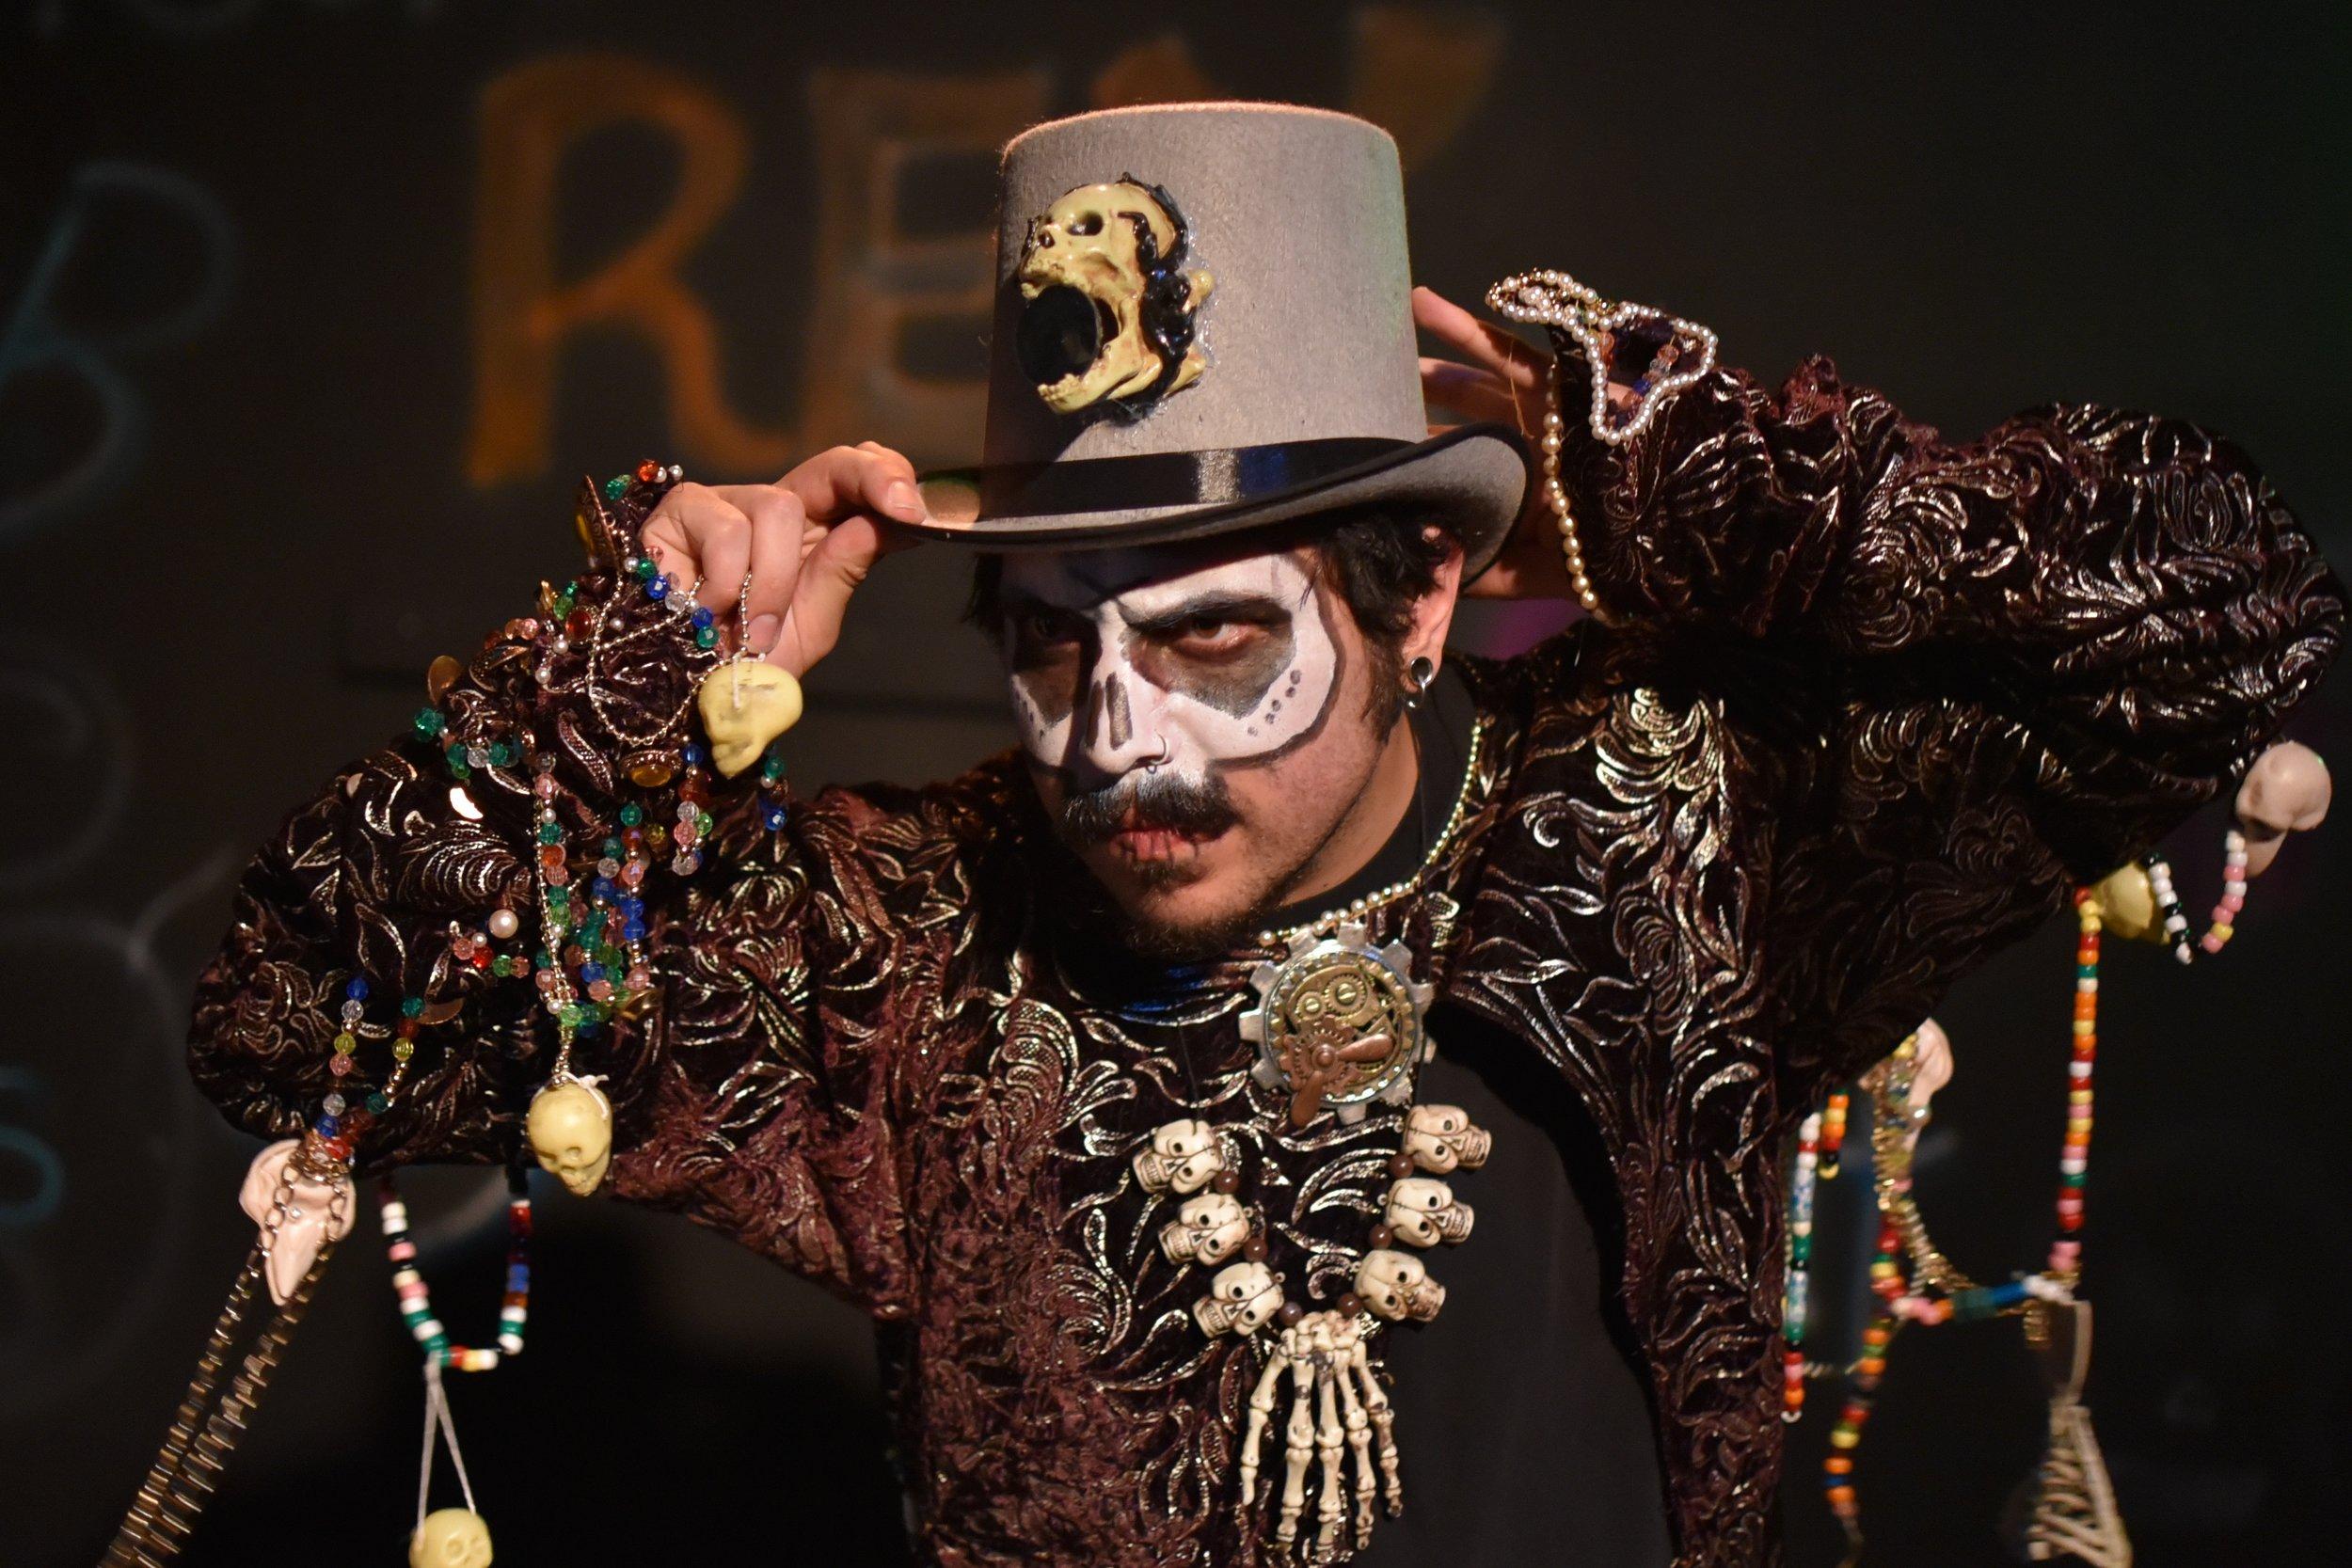 Eric Anduha  as   The Enchanter